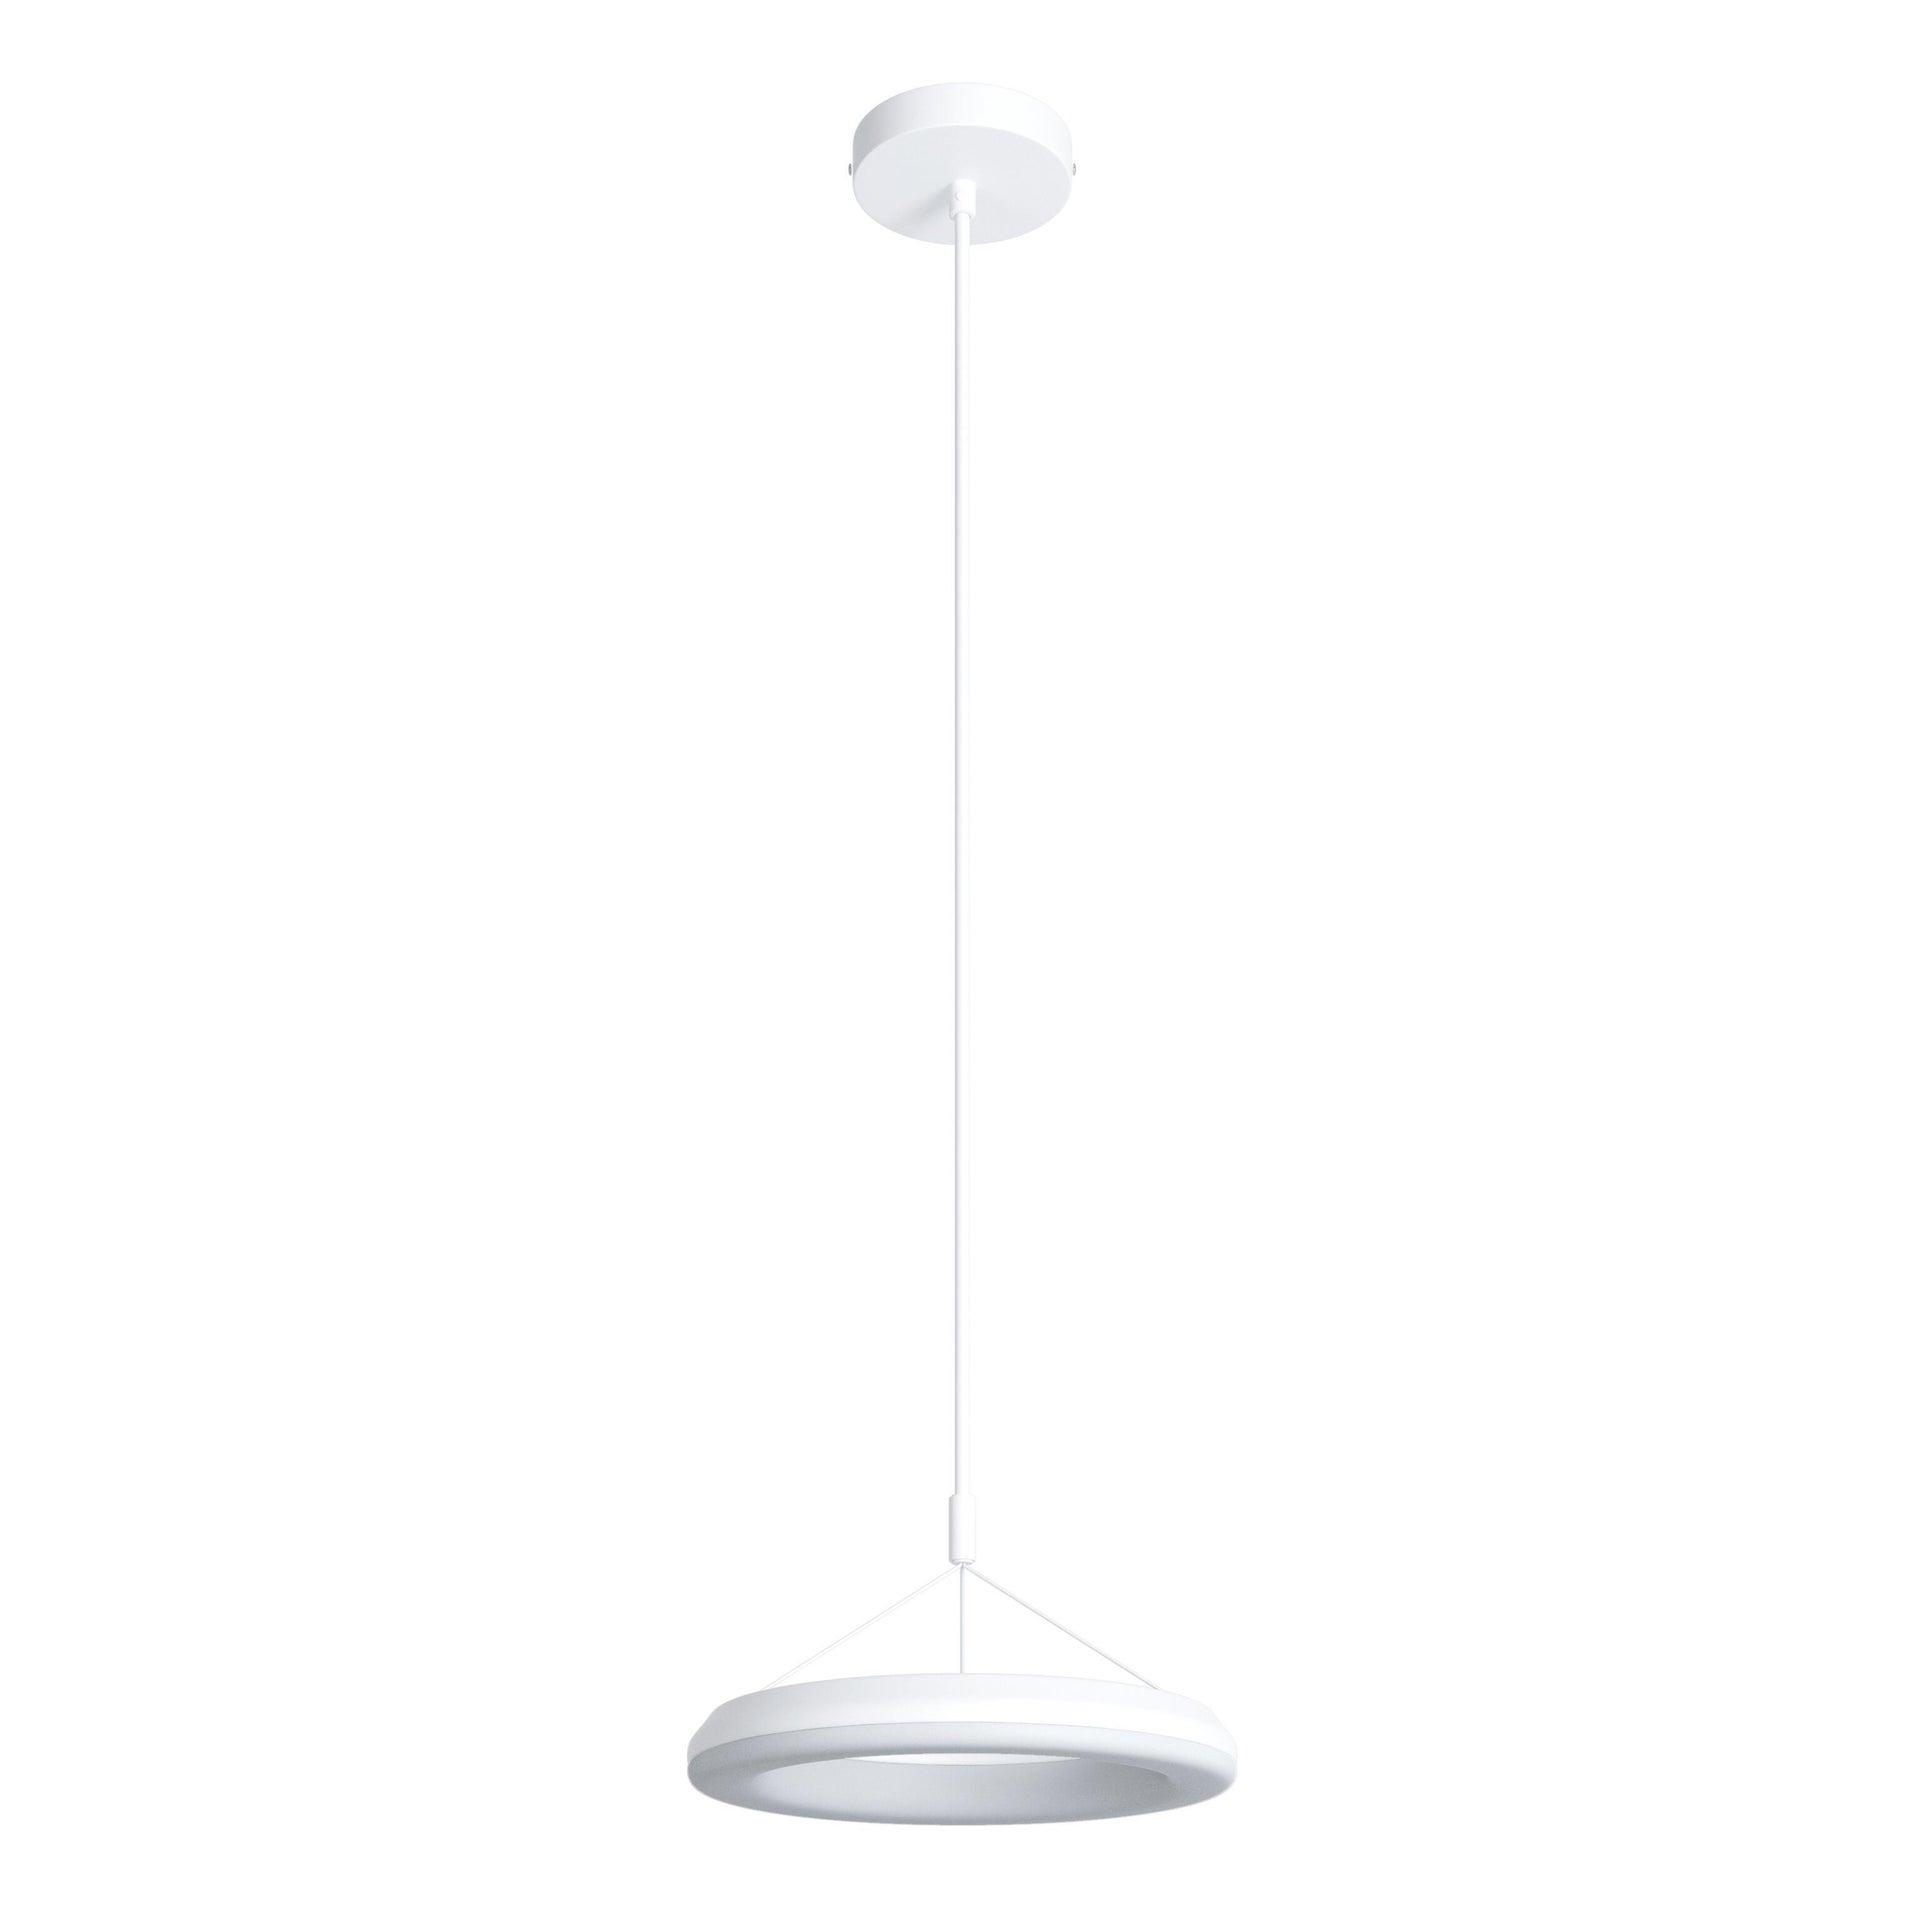 Lampadario Design Kuy LED integrato bianco, in alluminio, D. 25 cm, INSPIRE - 1